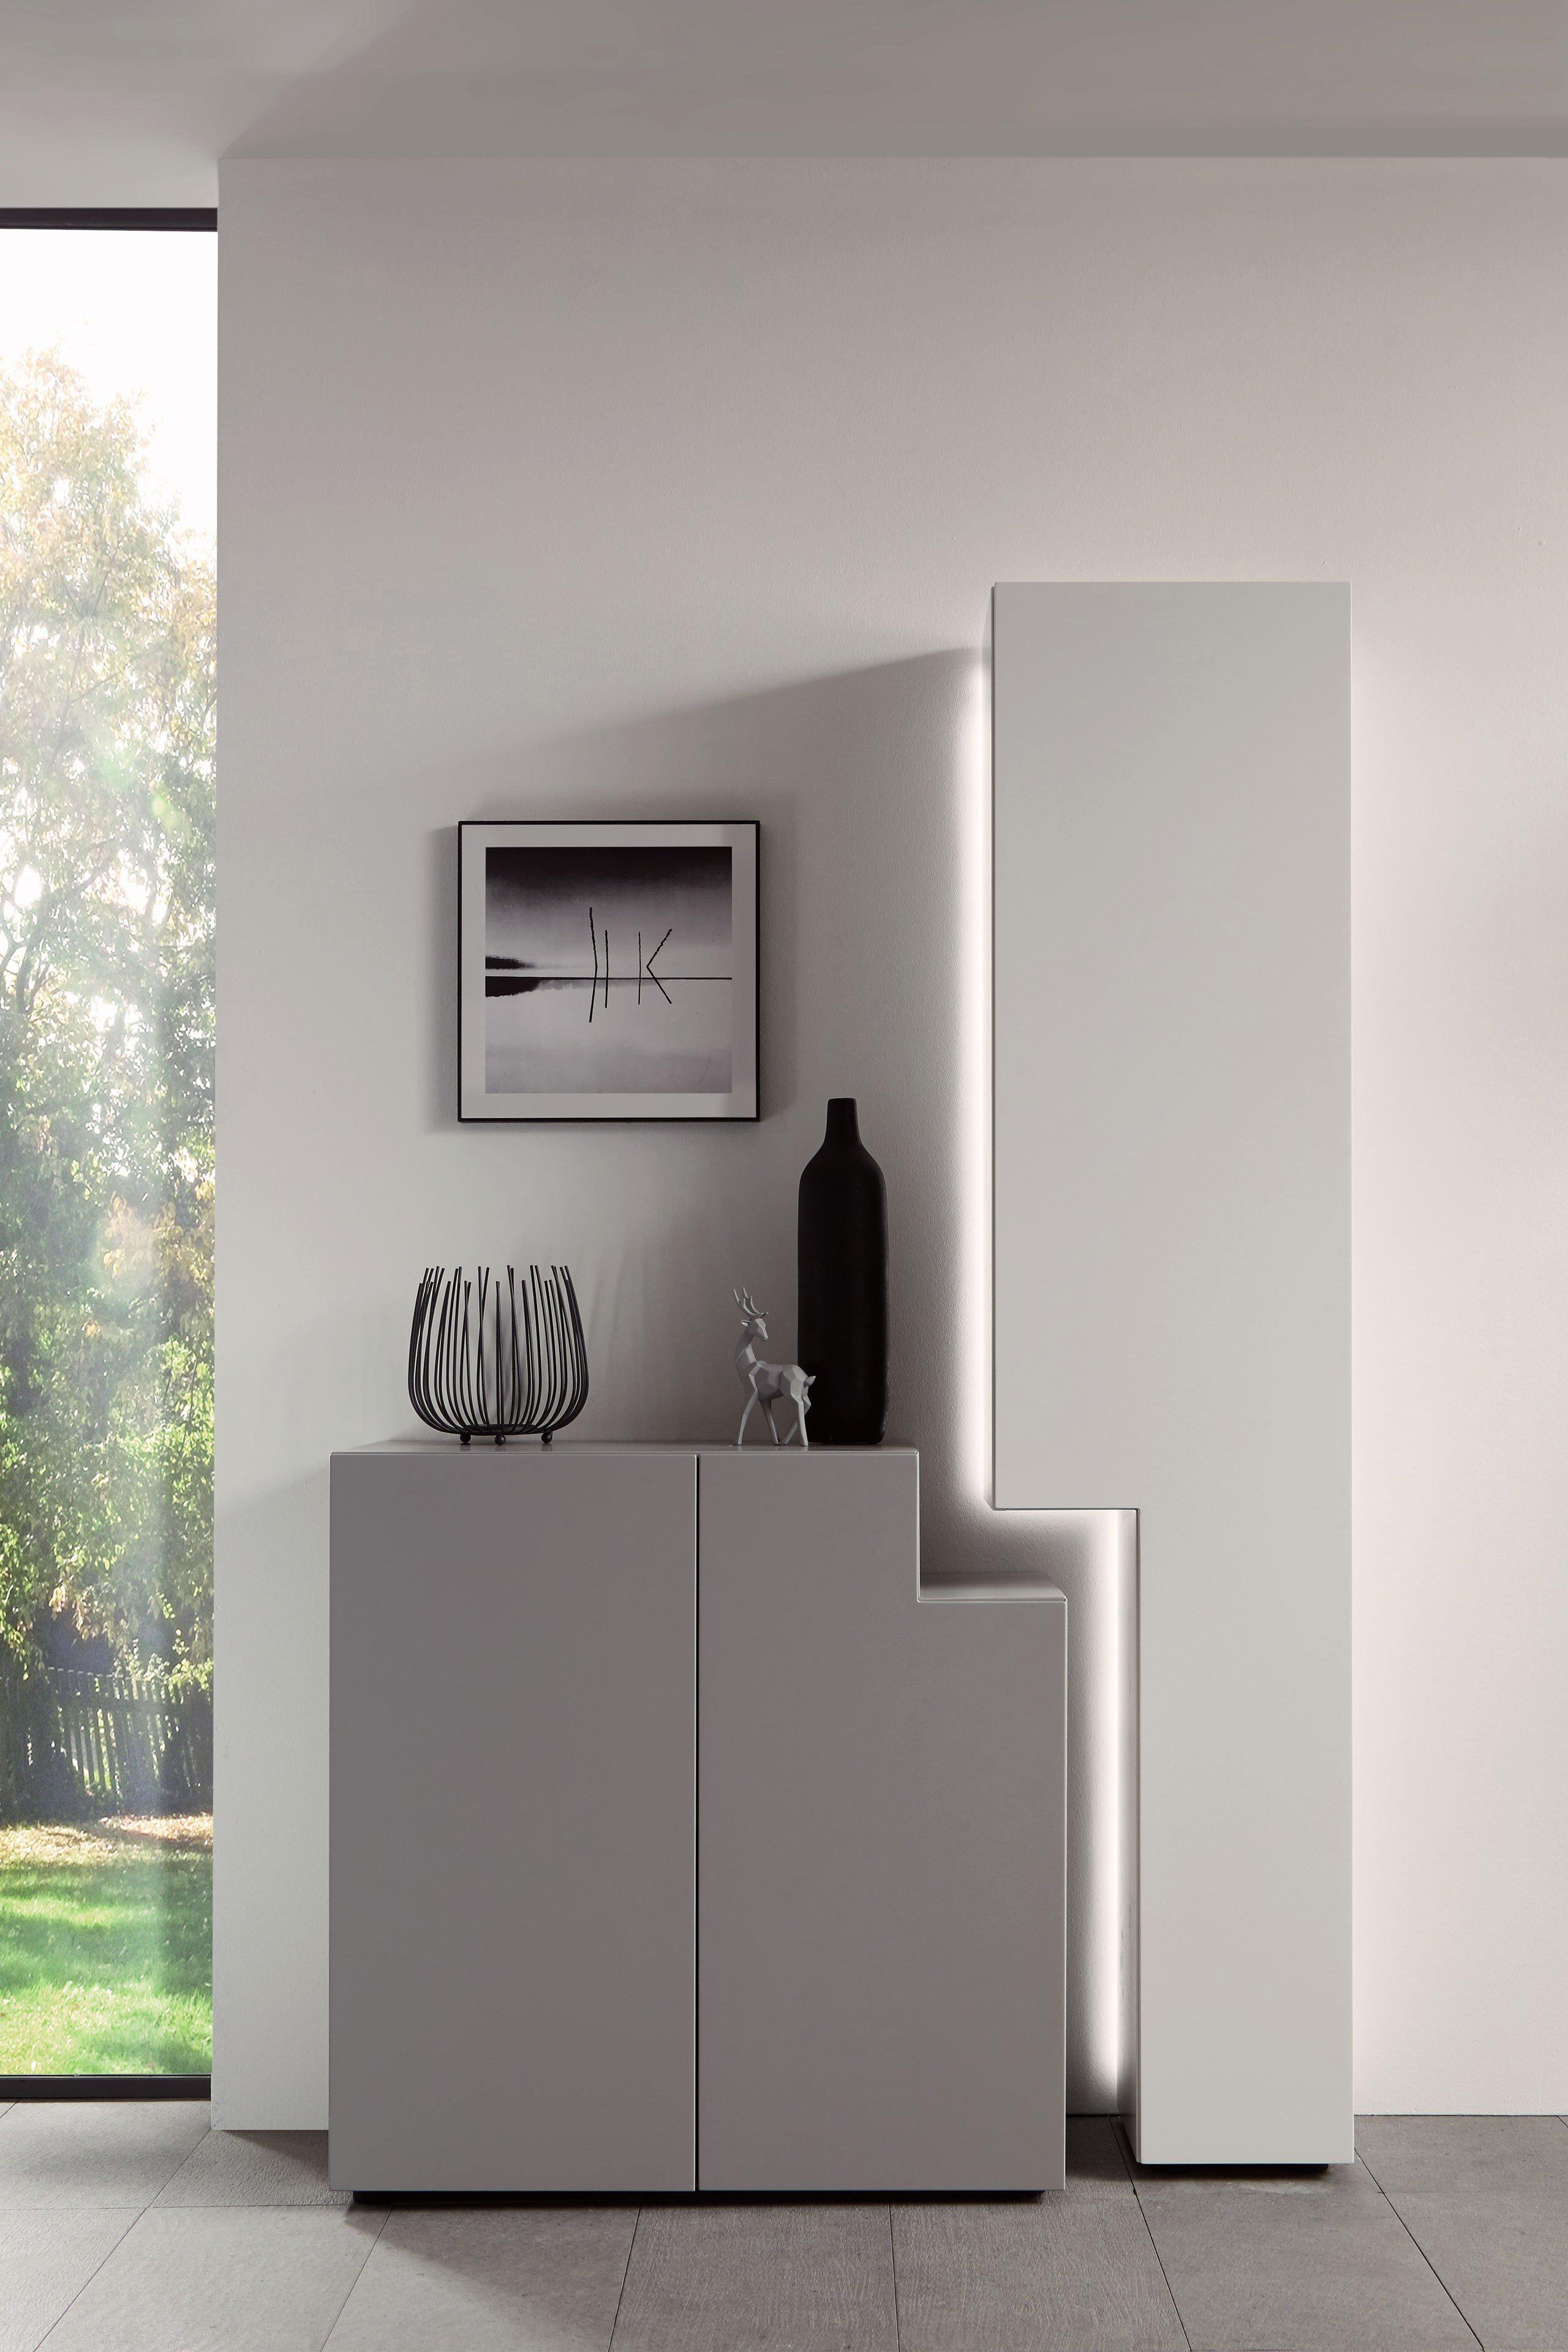 w stmann wohnwand nw 440 bianco eiche m bel letz ihr online shop. Black Bedroom Furniture Sets. Home Design Ideas